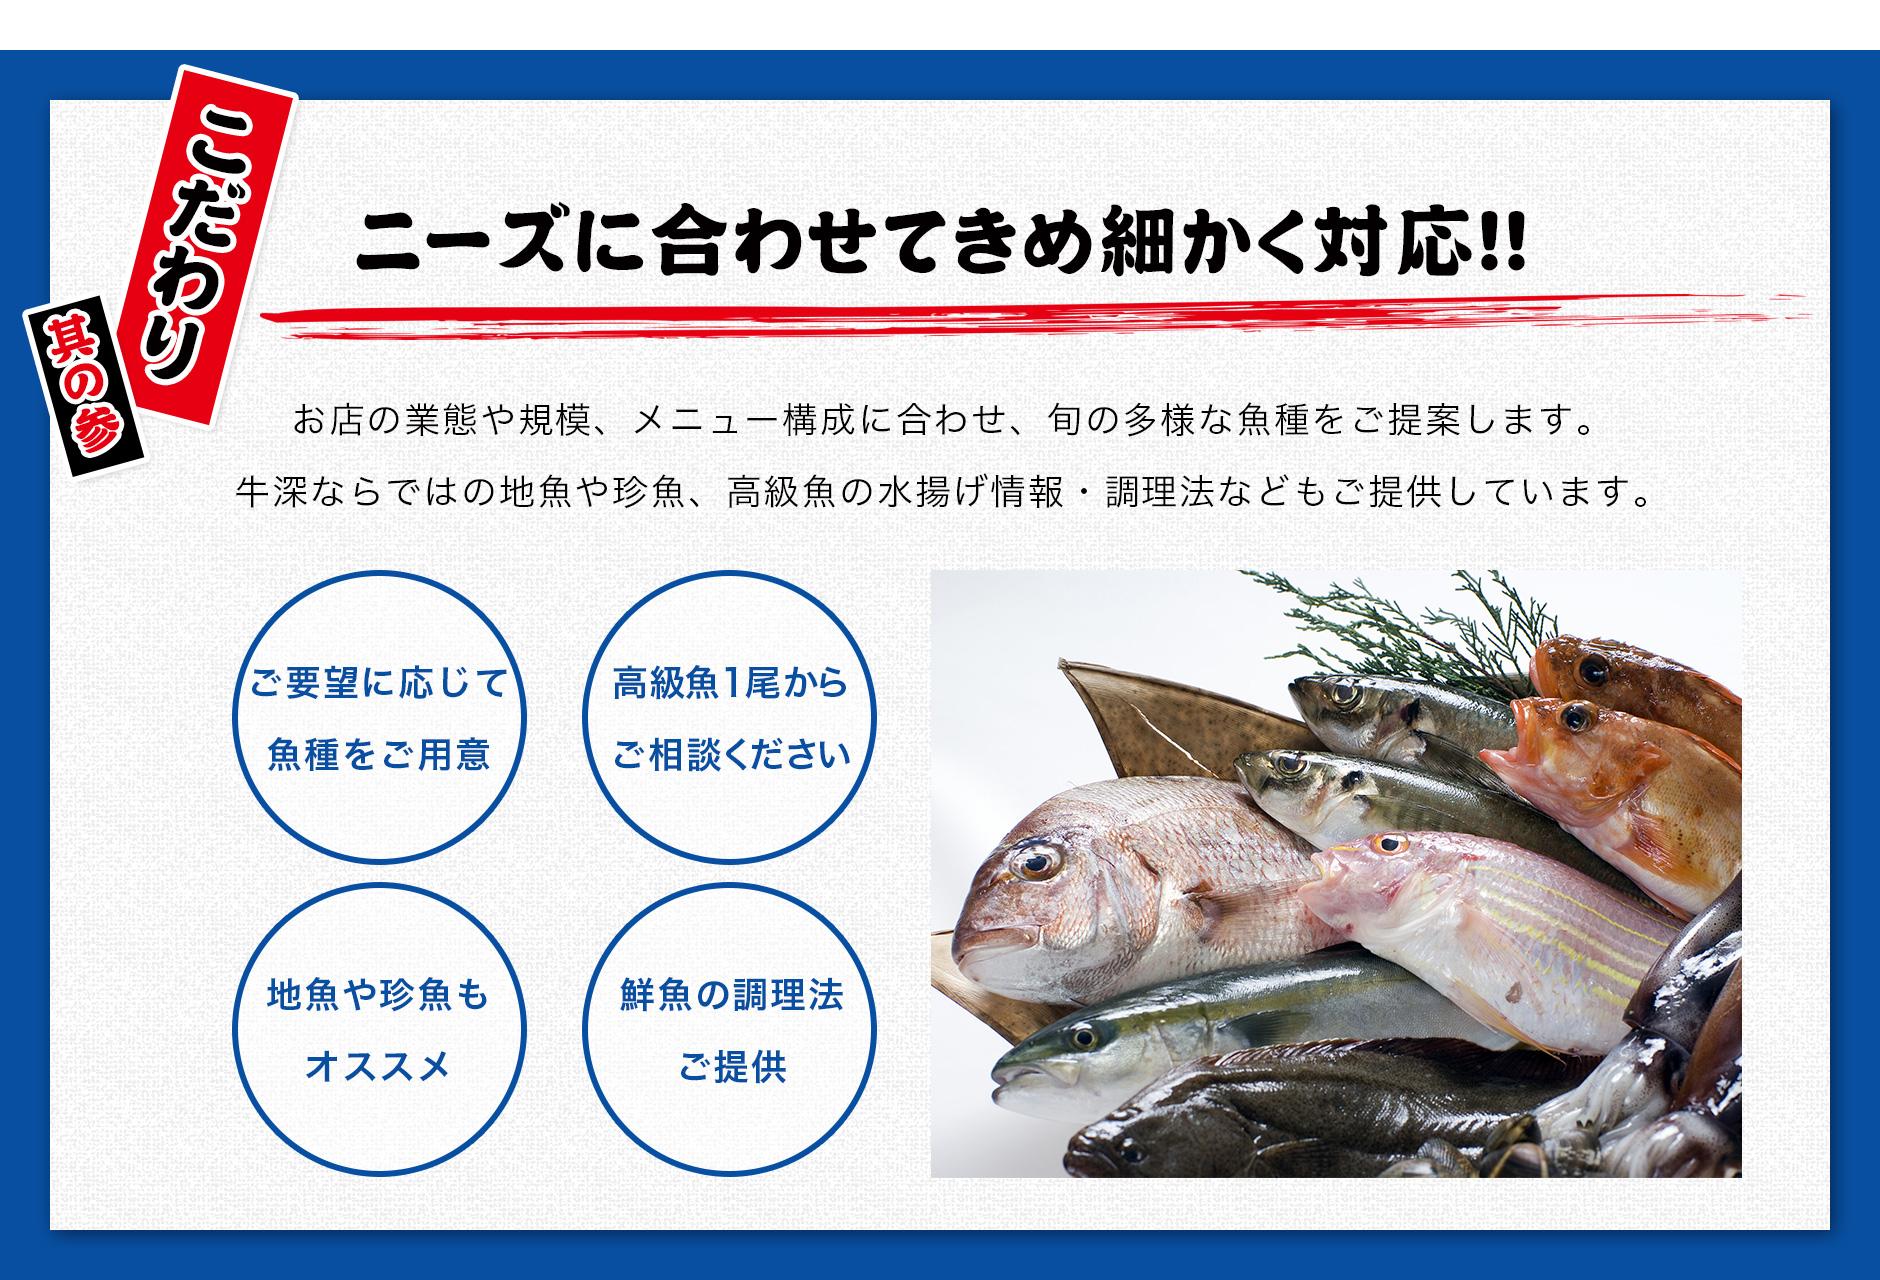 牛深水産のこだわり其の参ニーズに合わせてきめ細かく対応お店の業態や規模、メニュー構成に合わせ、旬の多様な魚種をご提案します。牛深ならではの地魚や珍魚、高級魚の水揚げ情報・調理法などもご提供しています。